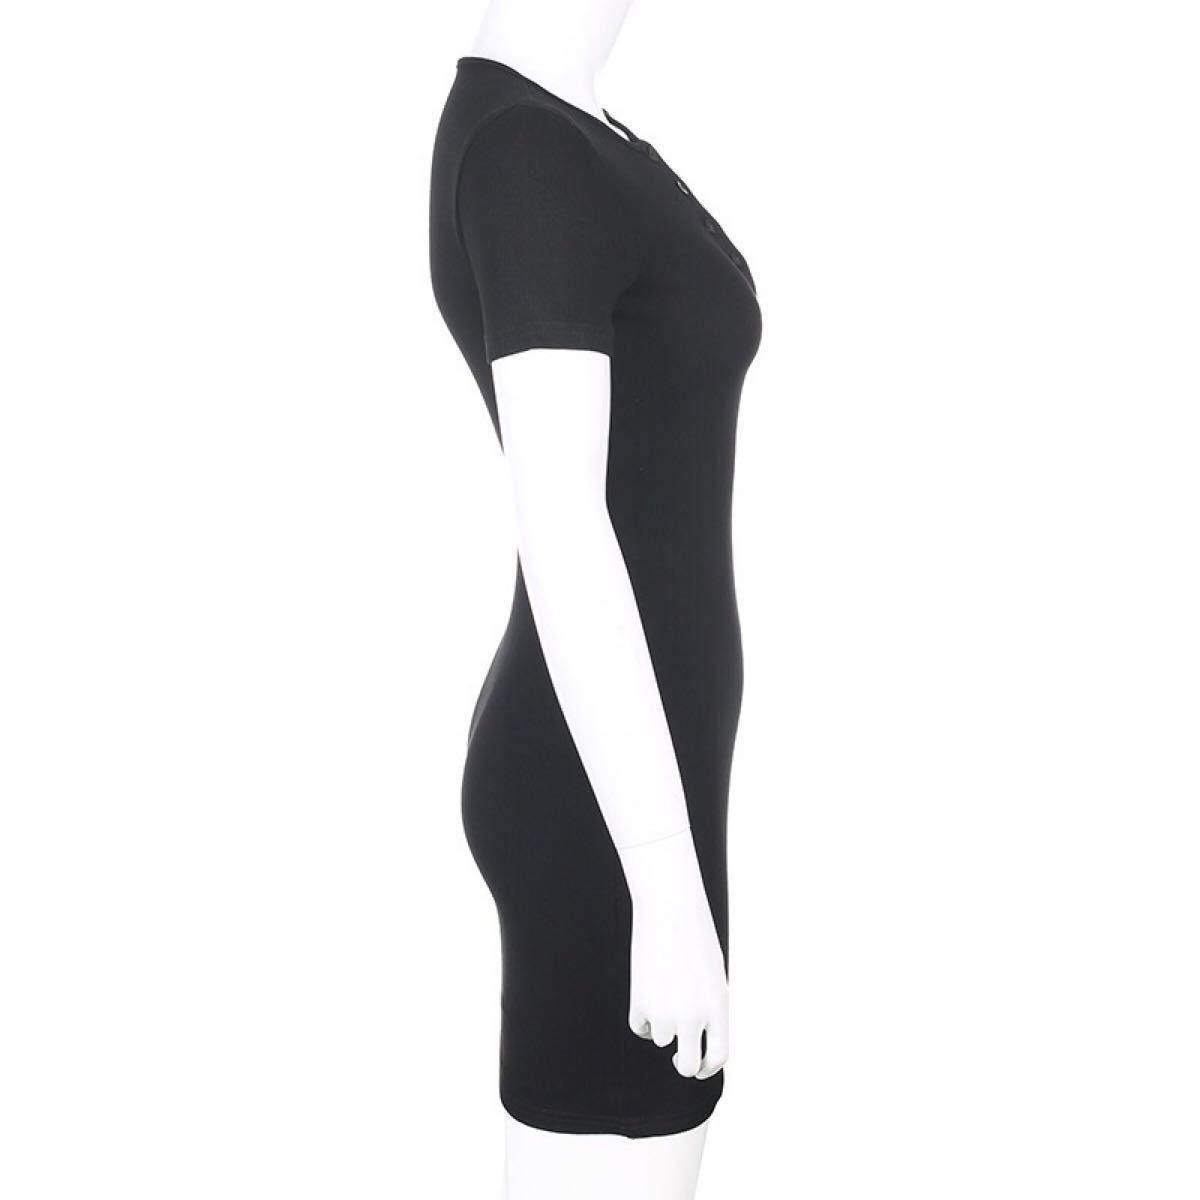 ニットワンピース エロかわ sexy タイトミニ ボディライン スカート 伸縮性